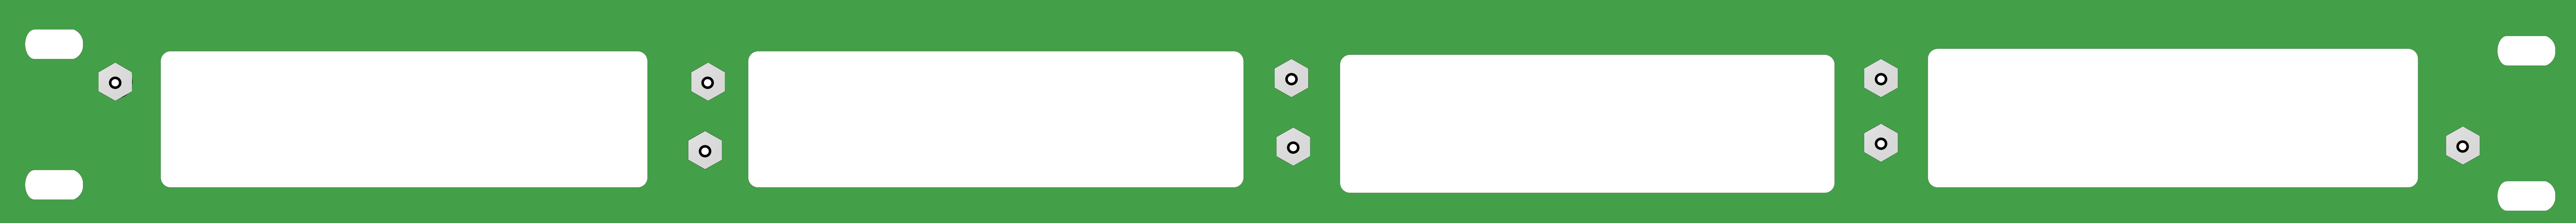 1U 4 Slot Rack Mount Plate-Blank.png